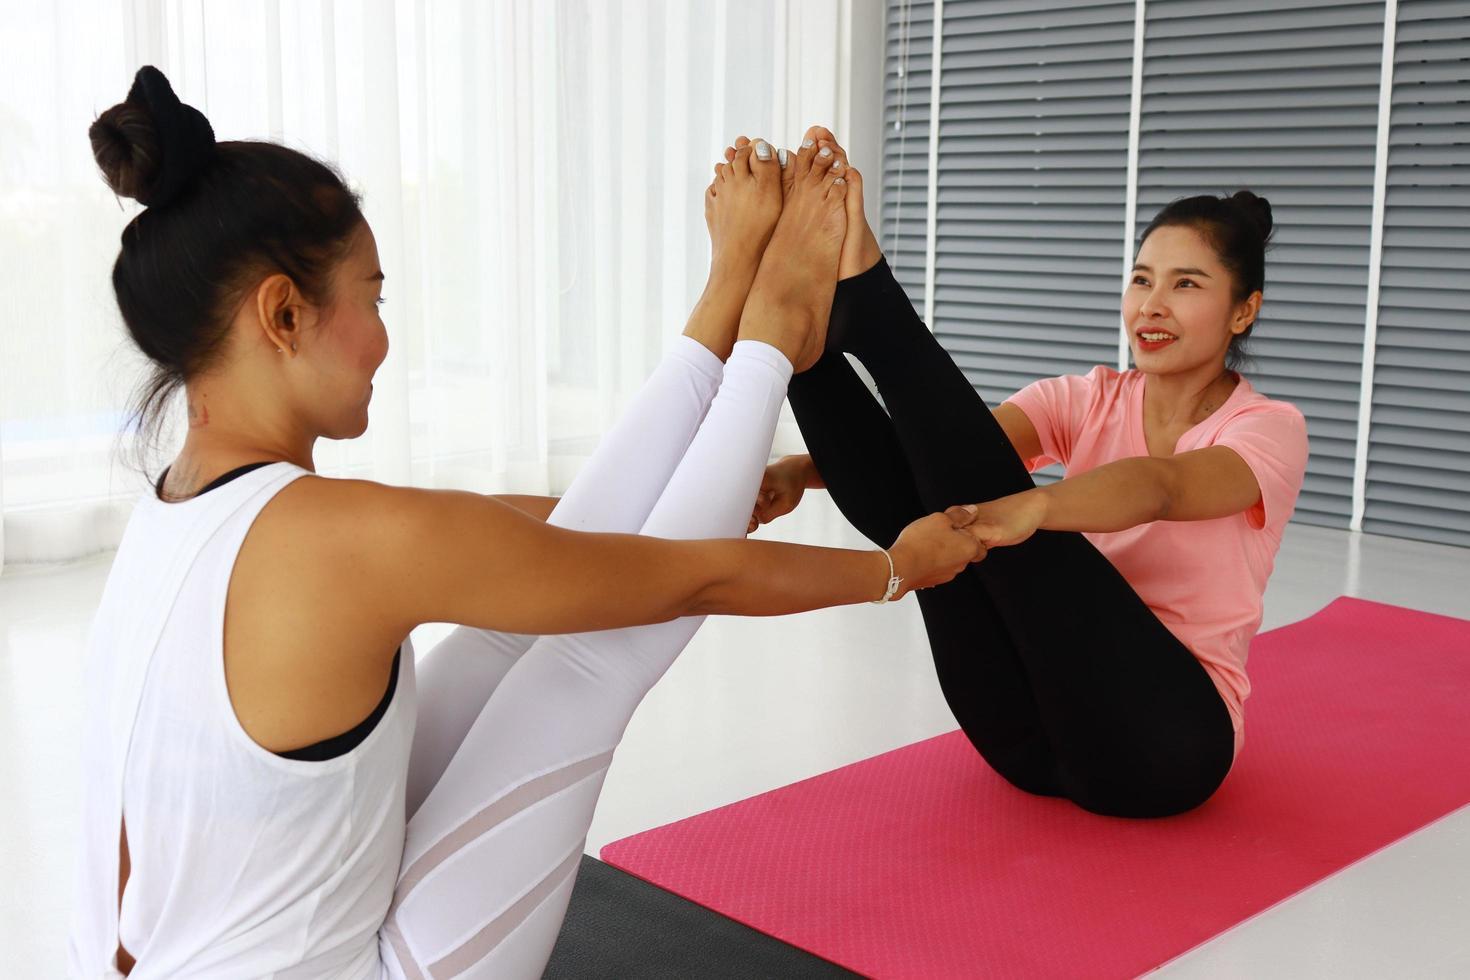 mujeres practicando yoga juntas foto